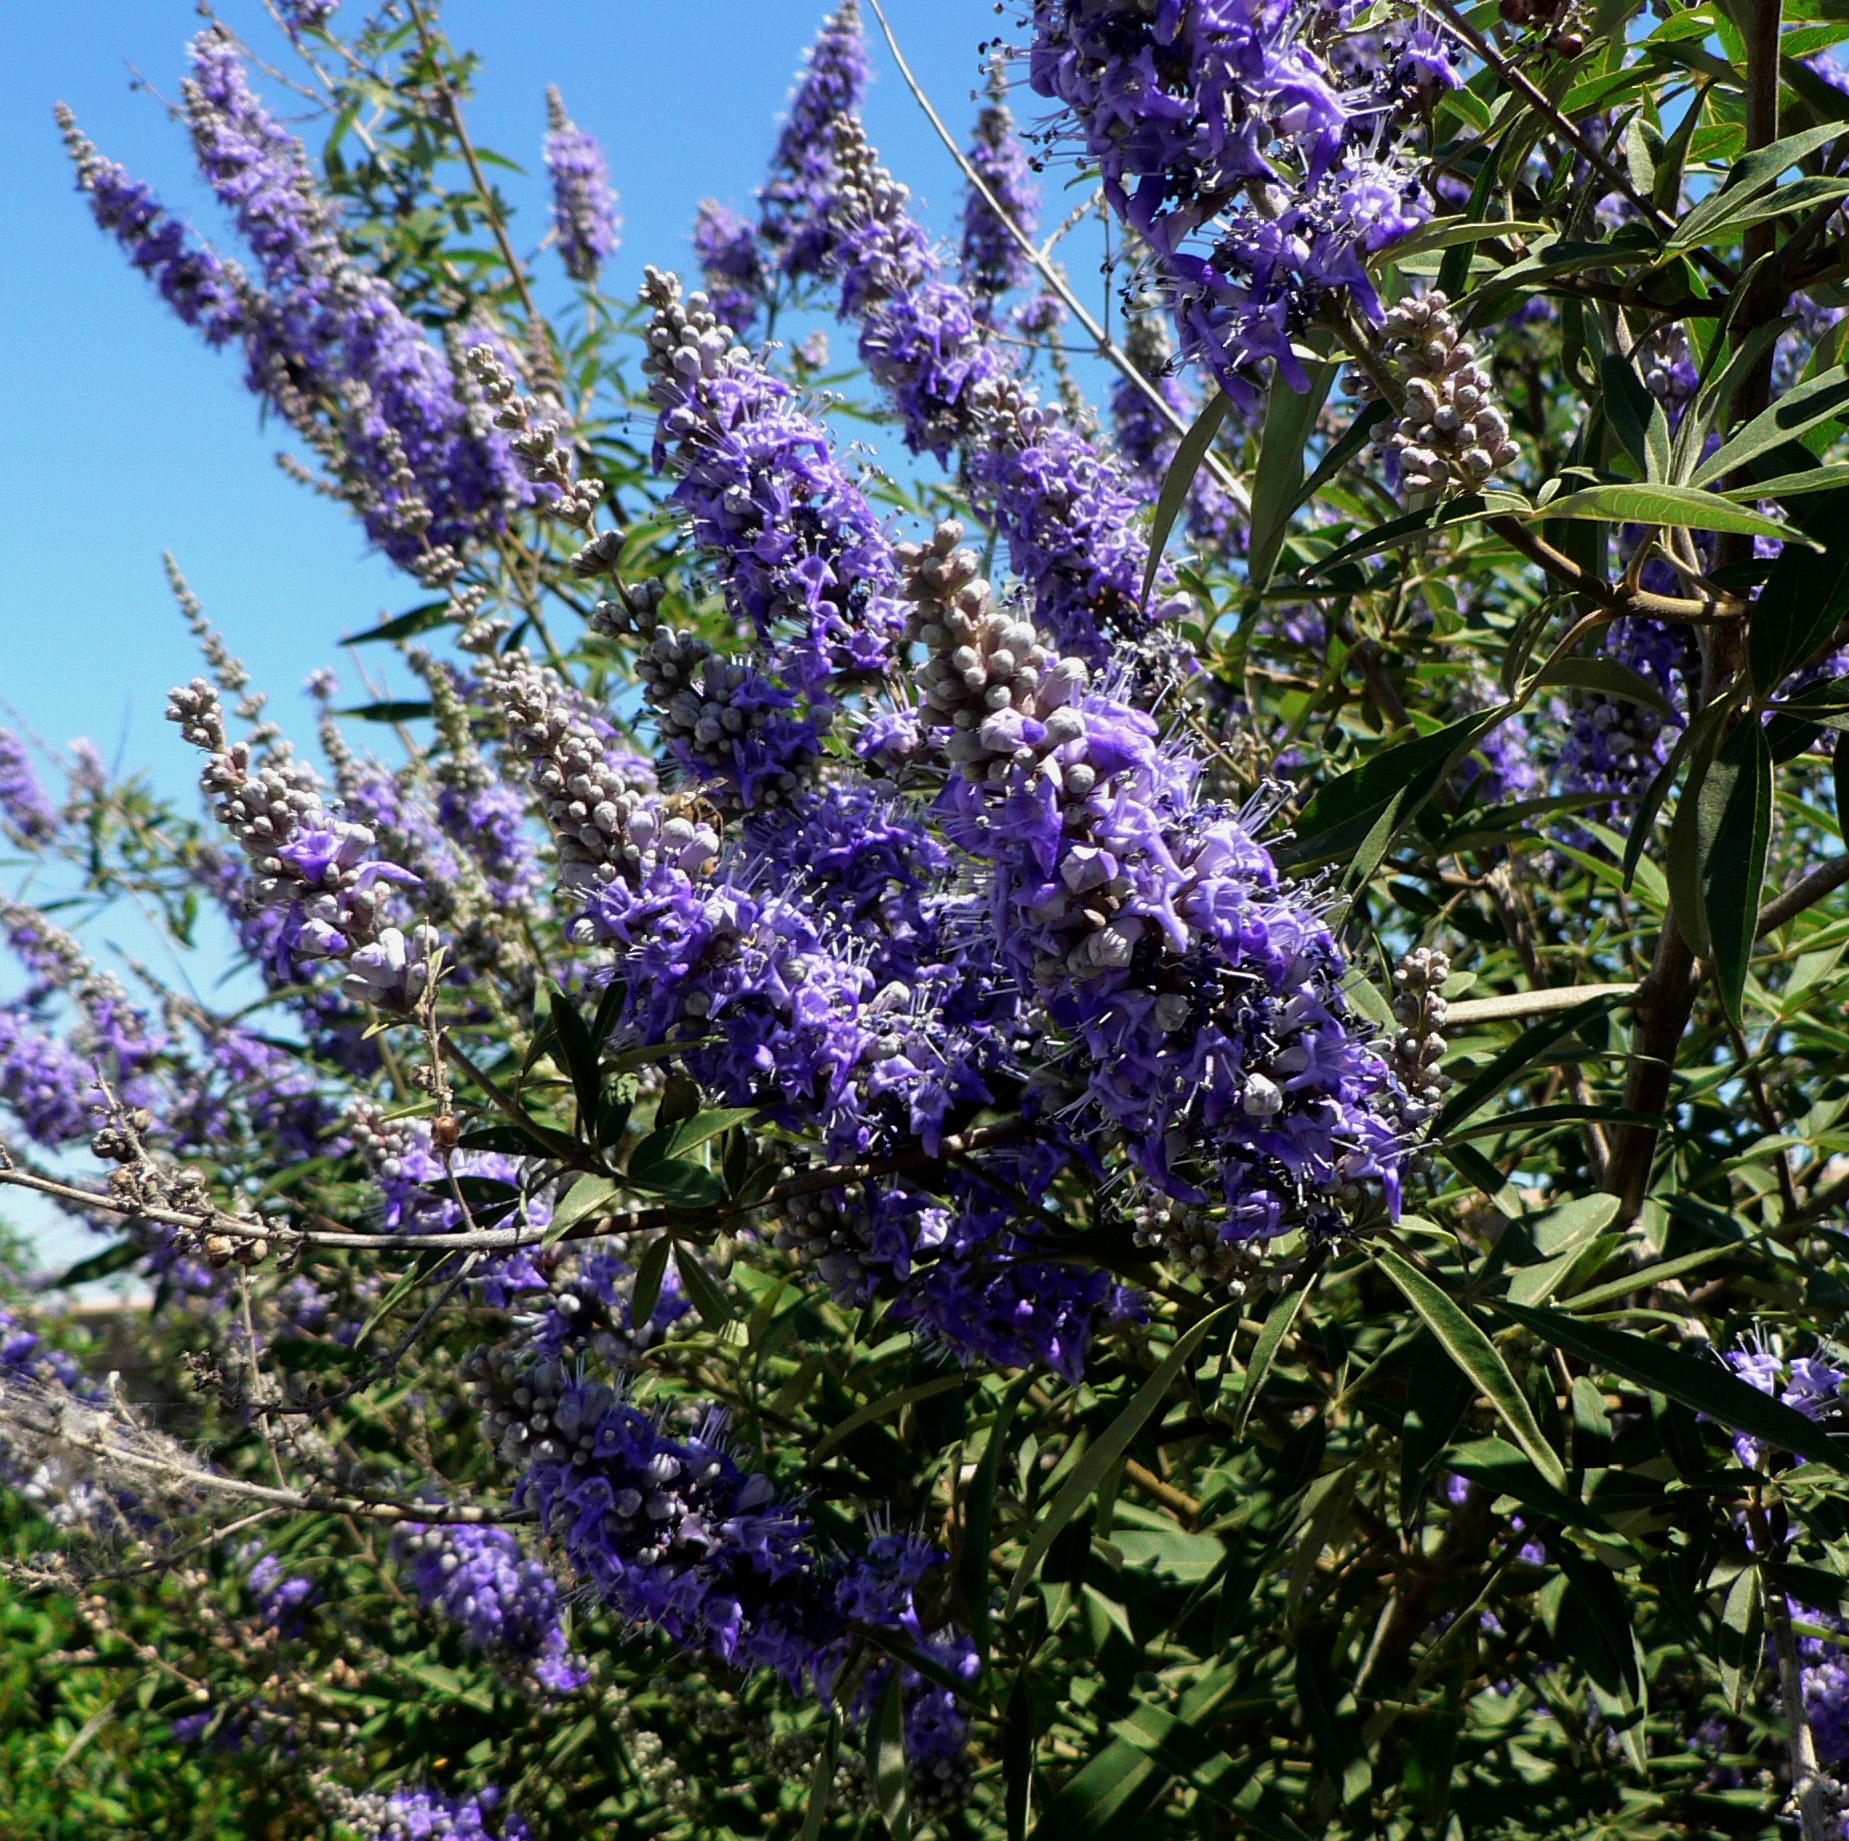 Tree-Chaste-flowers